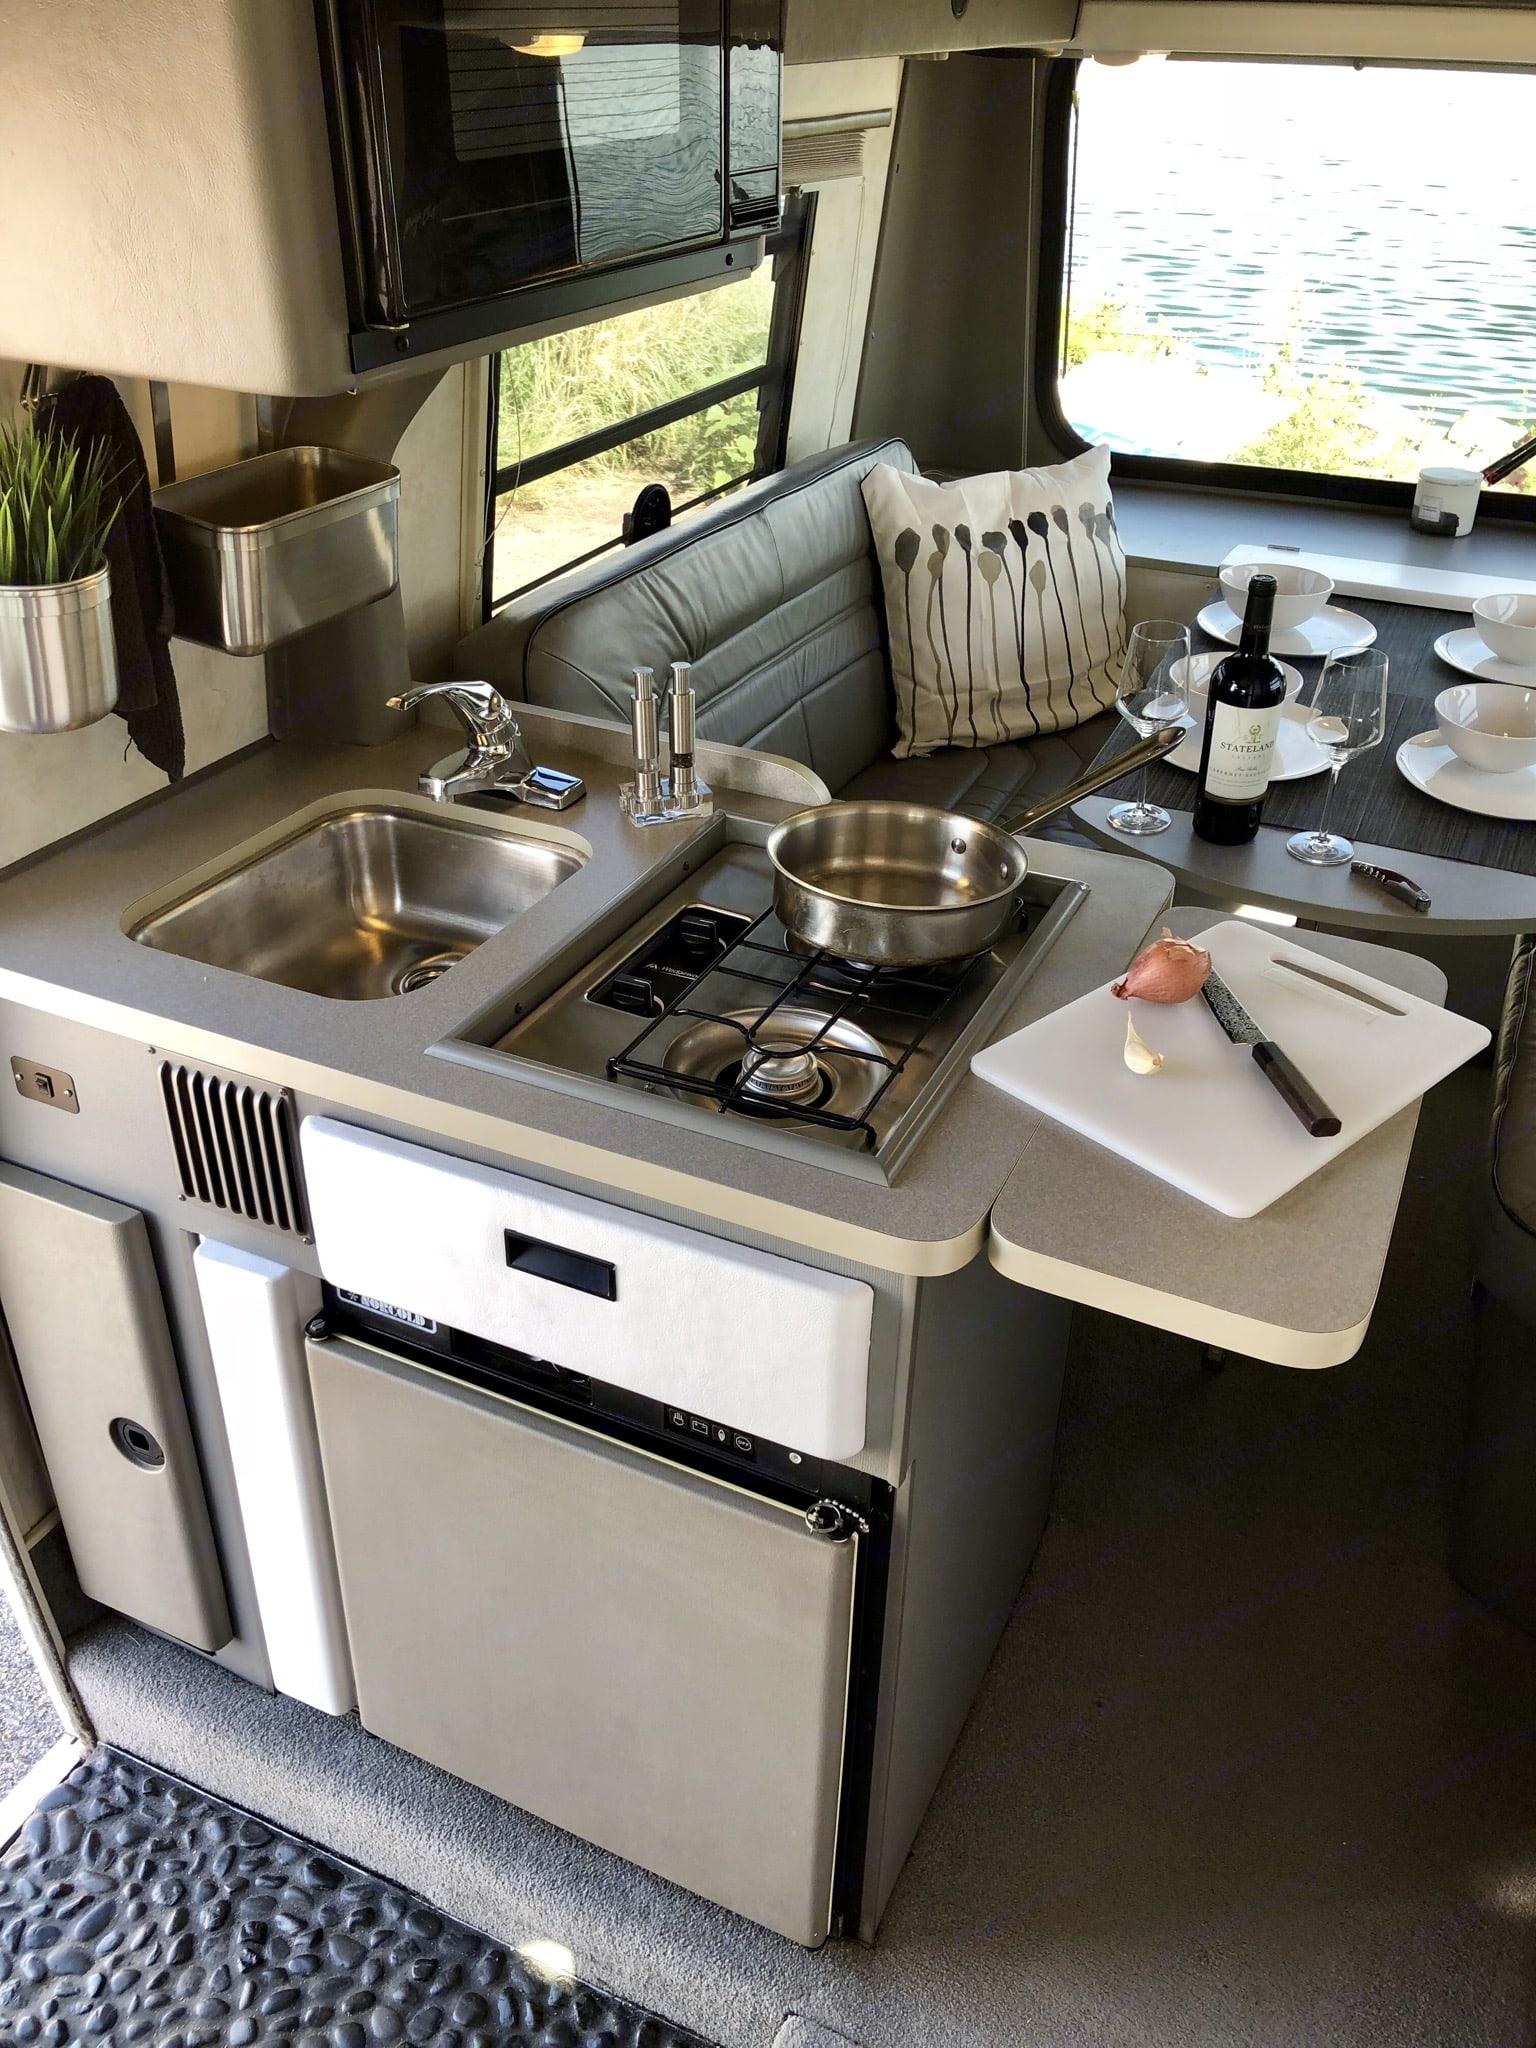 Kitchen with microwave above.. Winnebago Eurovan Camper Rialta 1997